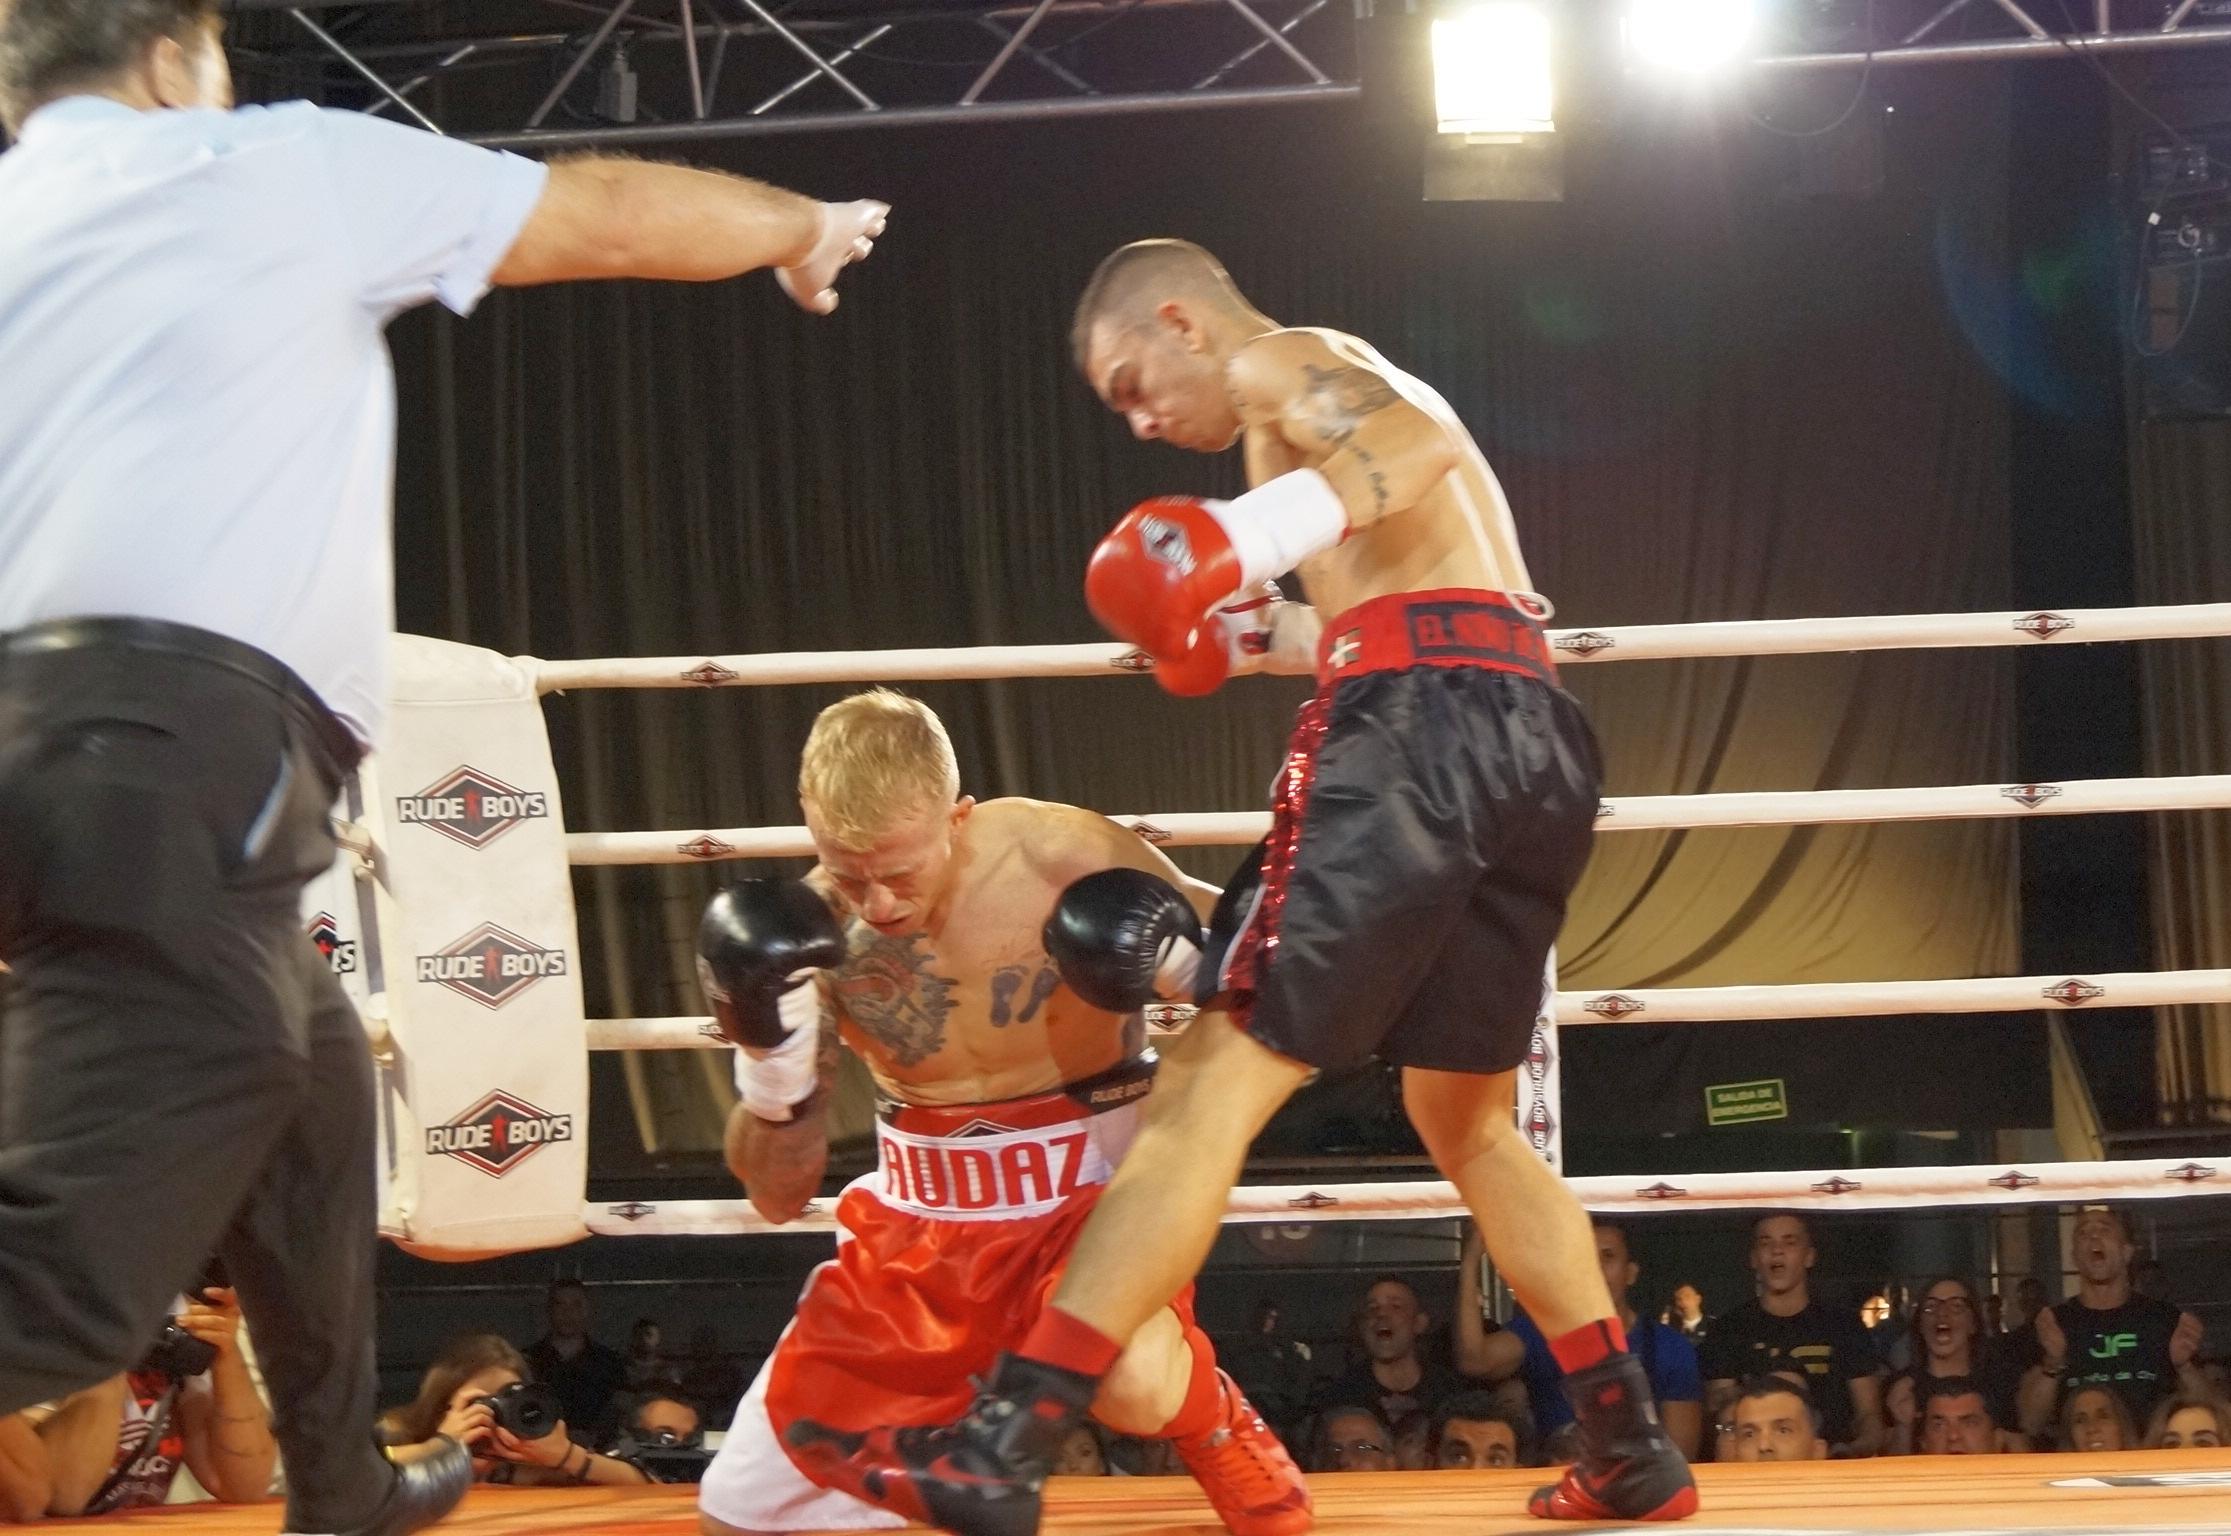 Boxeo profesional en Madrid: Rubén García acaba de recibir un recto de derecha de Jon Fernández en la sien izquierda que resultará definitivo.